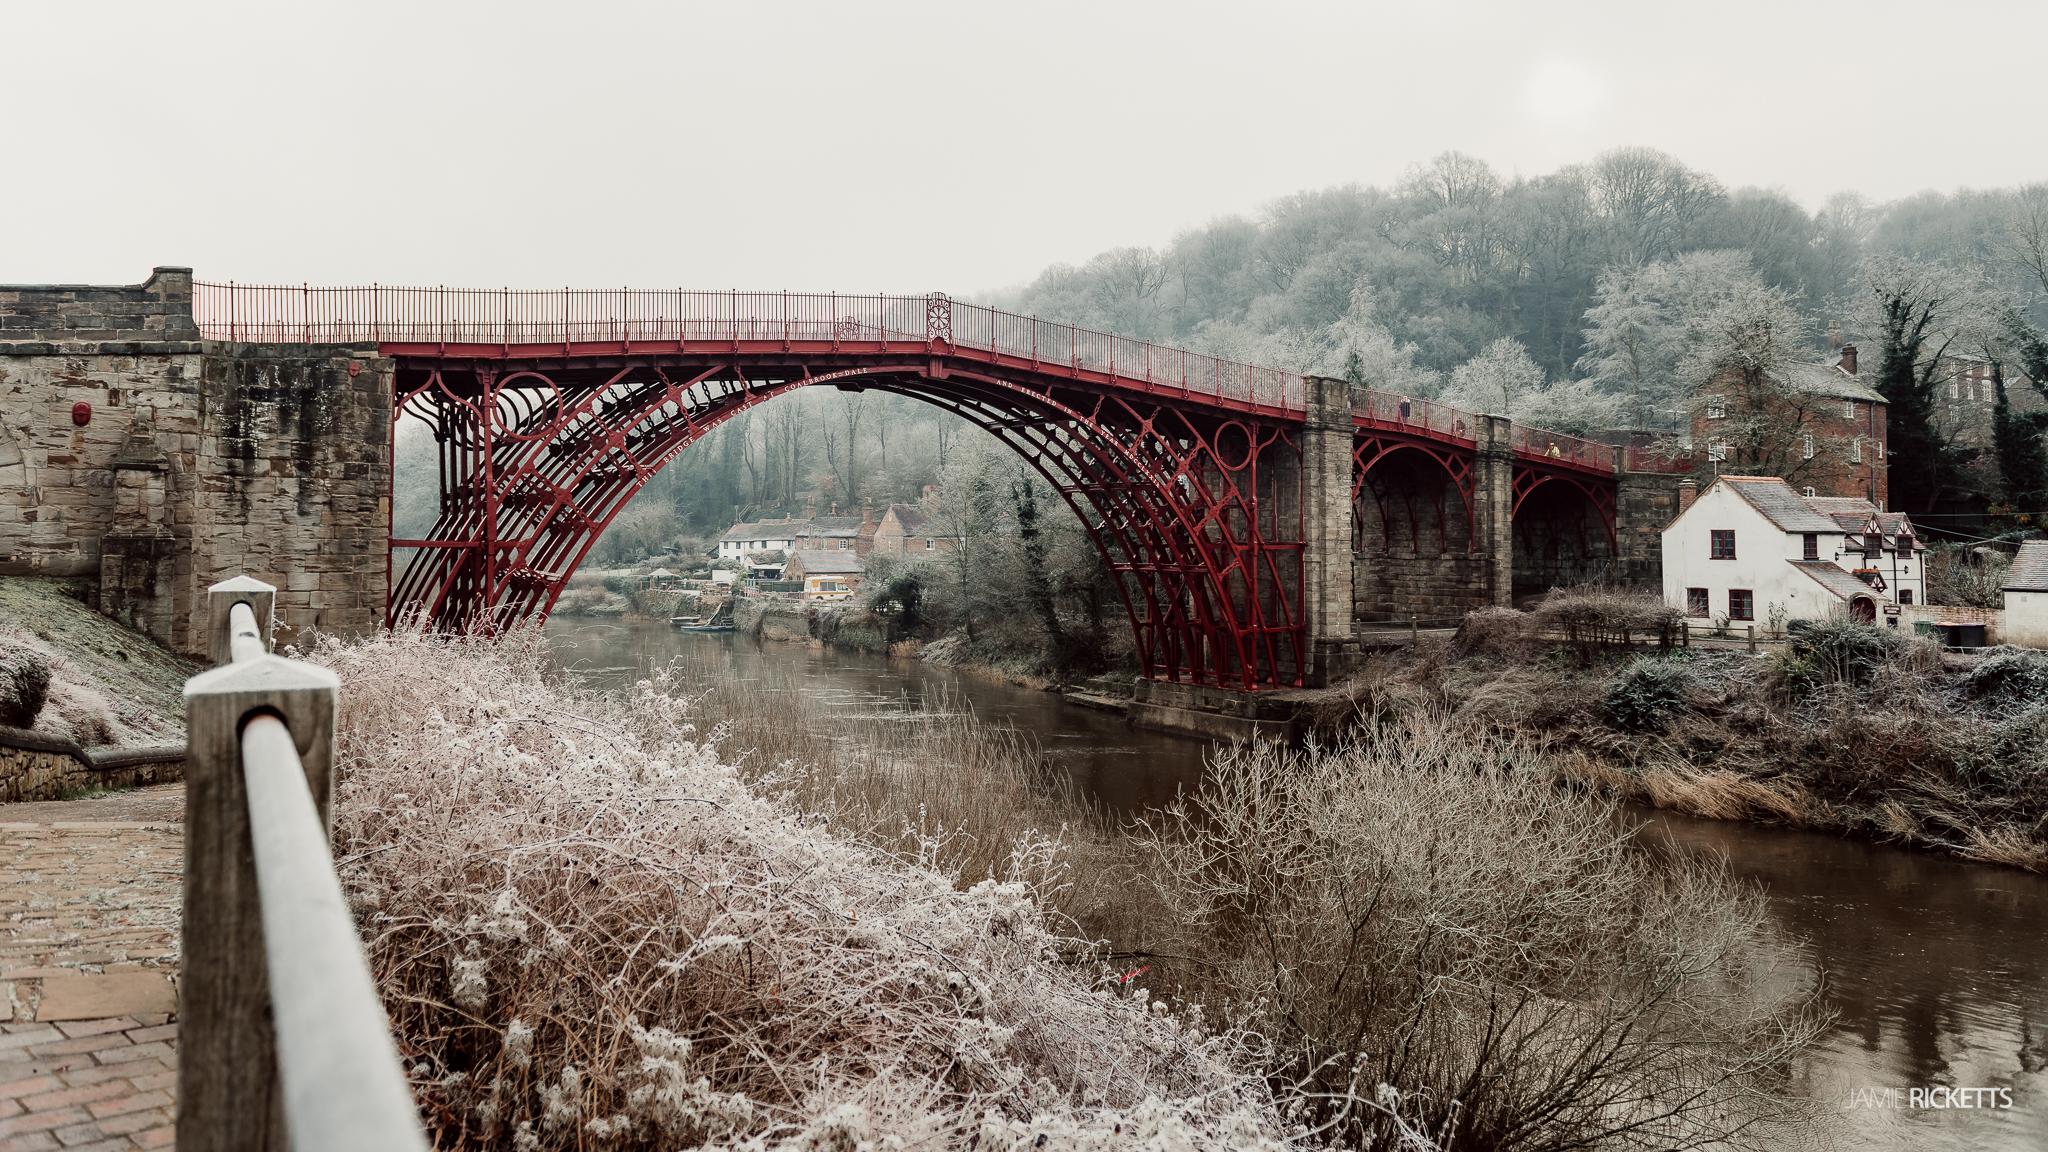 The Iron Bridge, Telford.